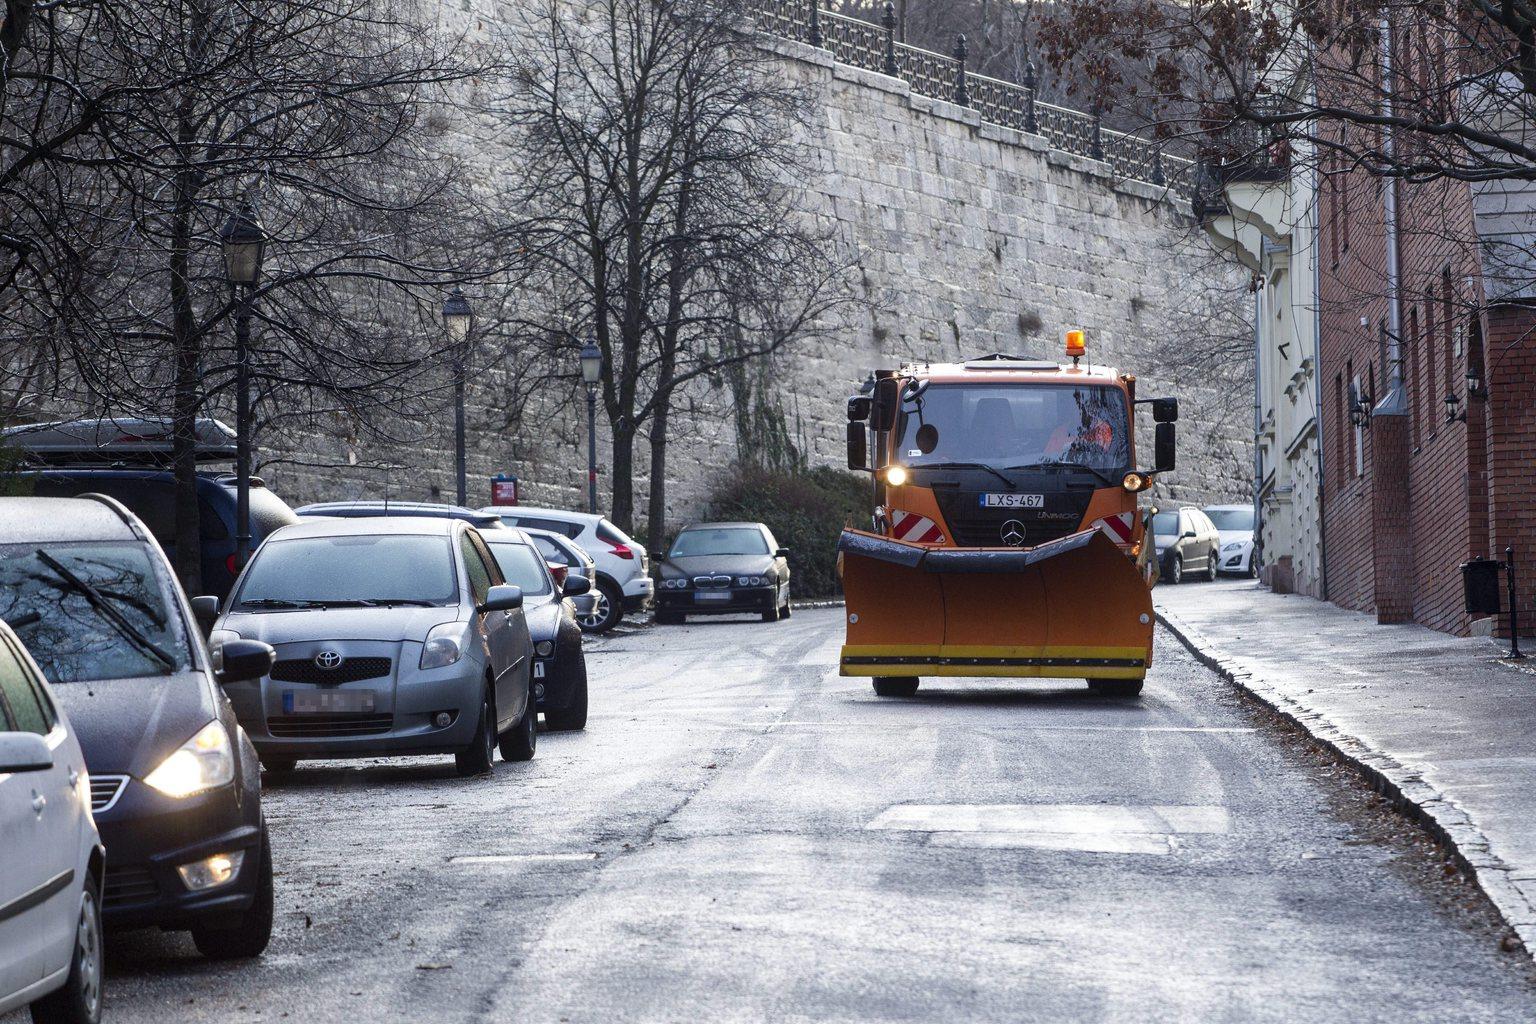 Síkosság mentesítés a főváros I. kerületében, a Tábor utcában 2015. január 9-én. Budapesten, különösen a budai oldalon az ónos eső miatt jegessé váltak a mellékutak, meredek útszakaszok, a járdák nehezen járhatóak, több közlekedési baleset történt. MTI Fotó: Szigetváry Zsolt